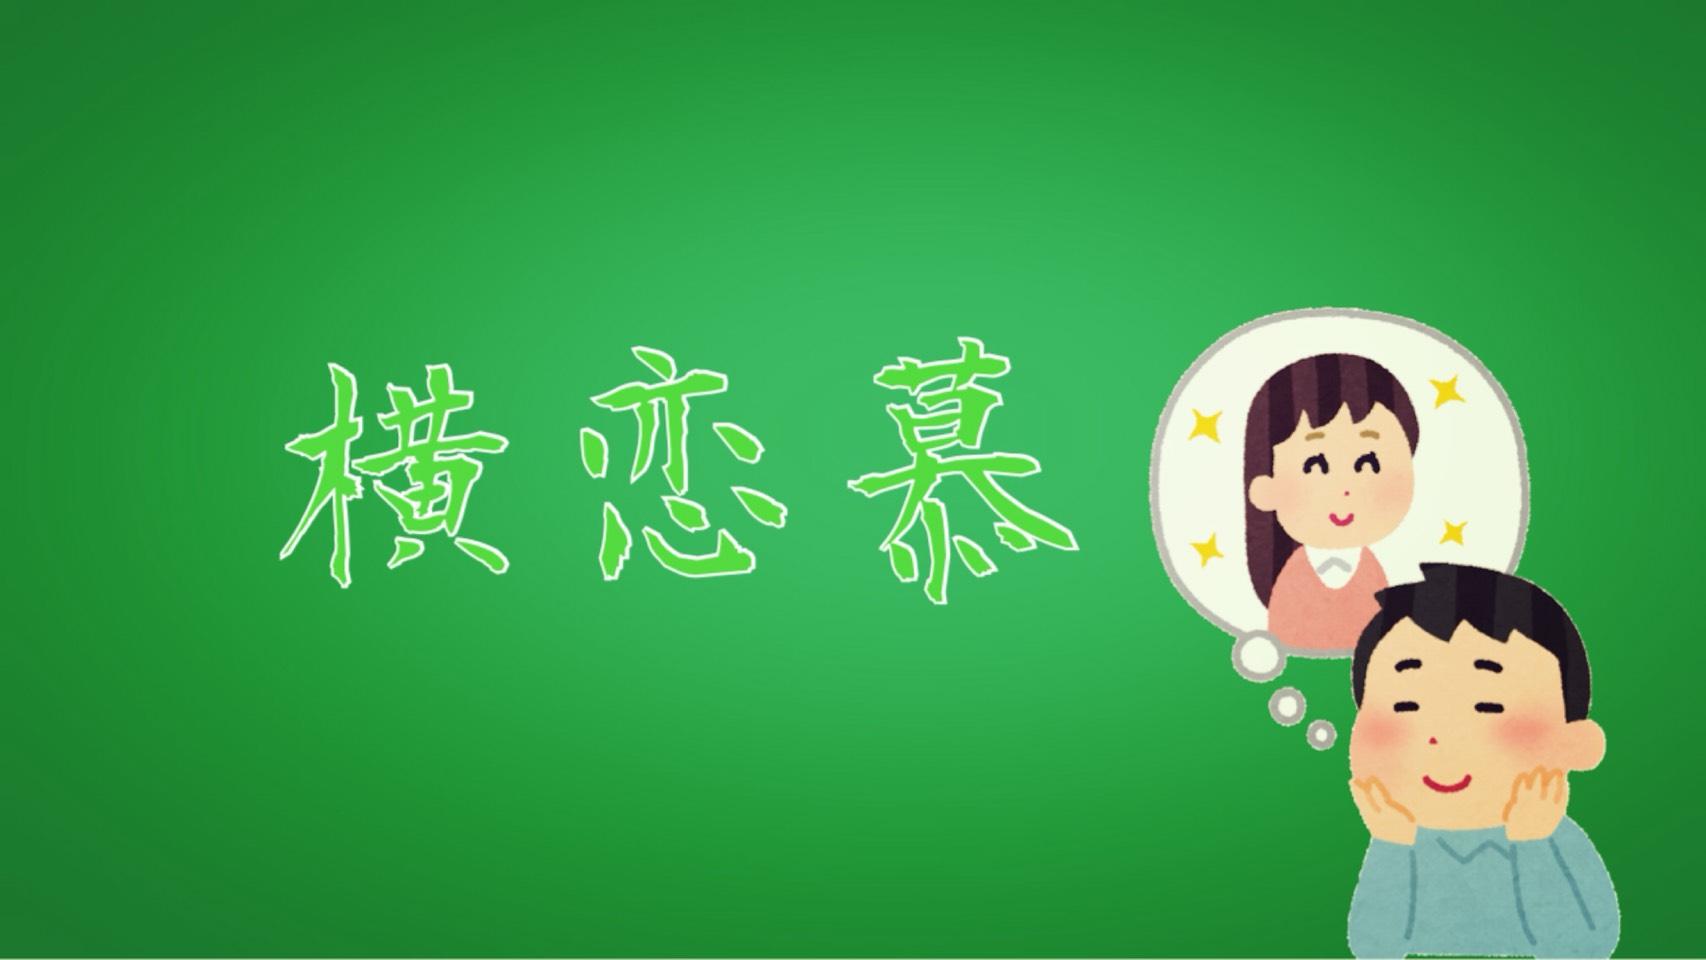 「横恋慕」のイメージ